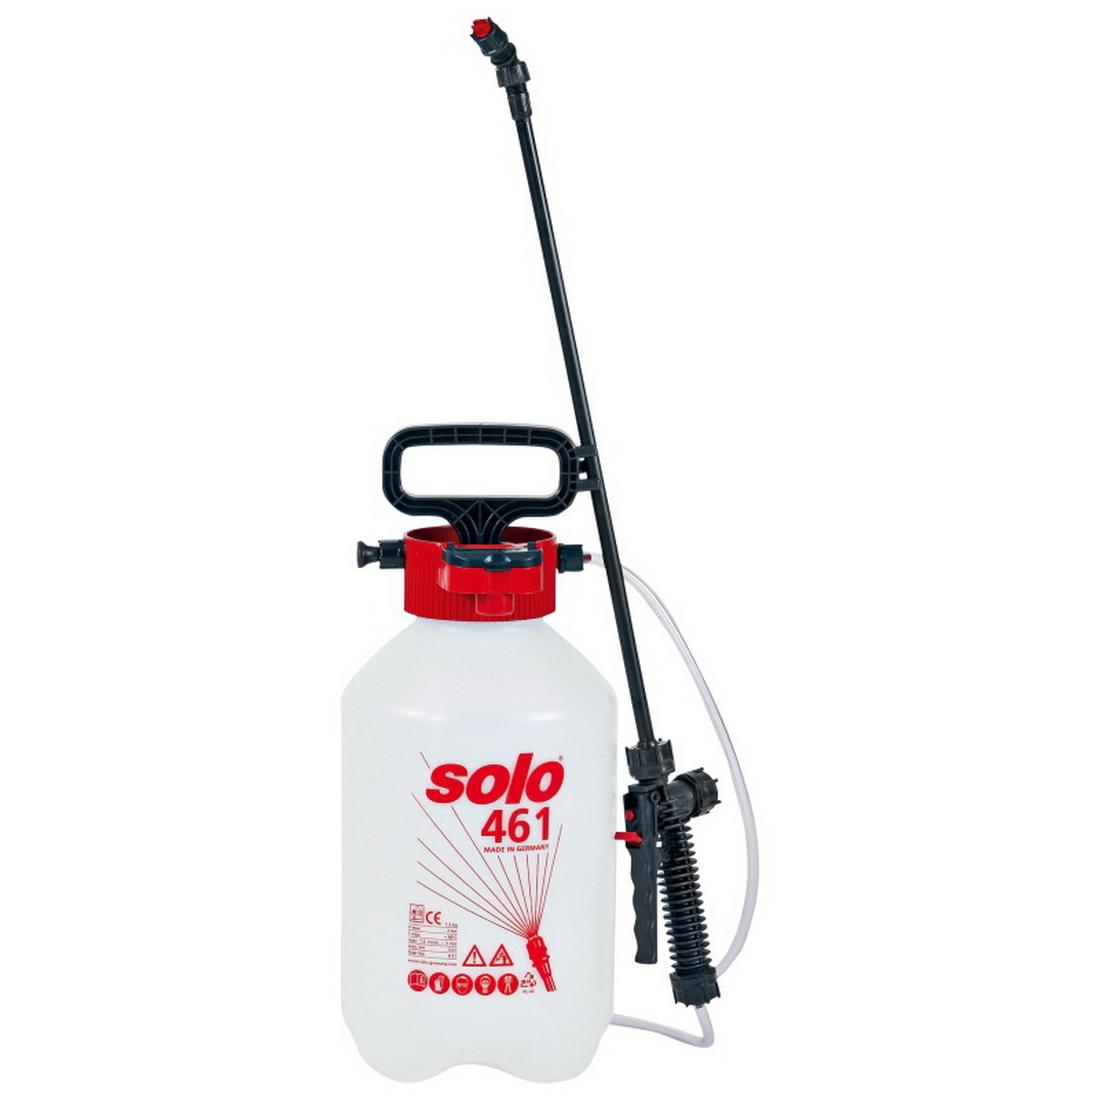 Solo Professional Manual Garden Pressure Sprayer 5 L 461